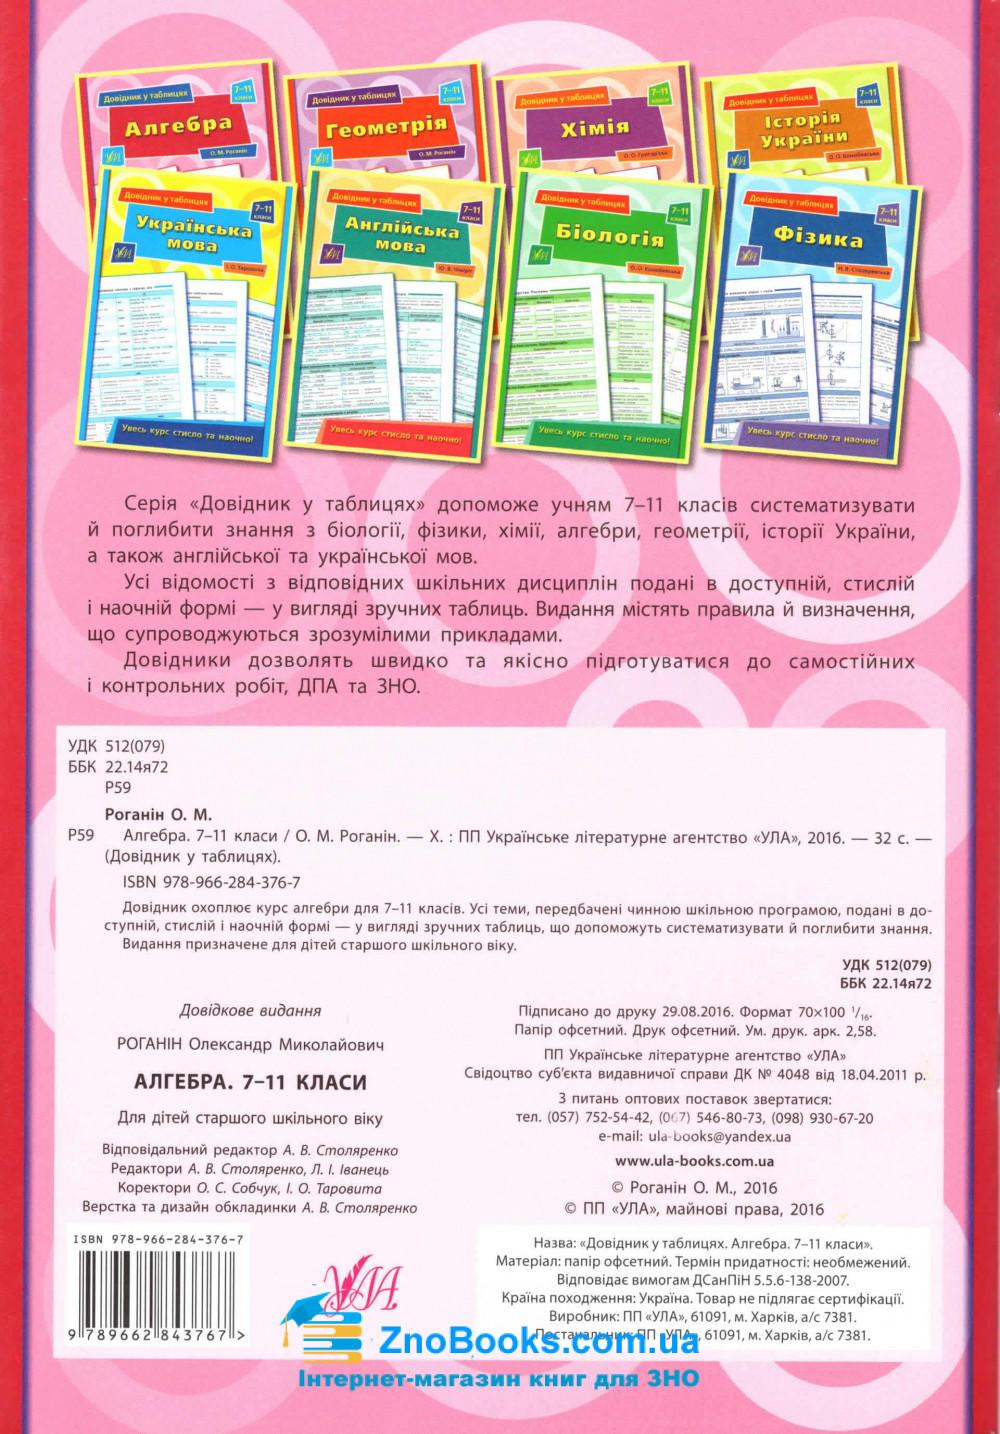 Геометрія 7-11 класи. Серія «Довідник у таблицях» : Роганін О. М.  УЛА. купити 5